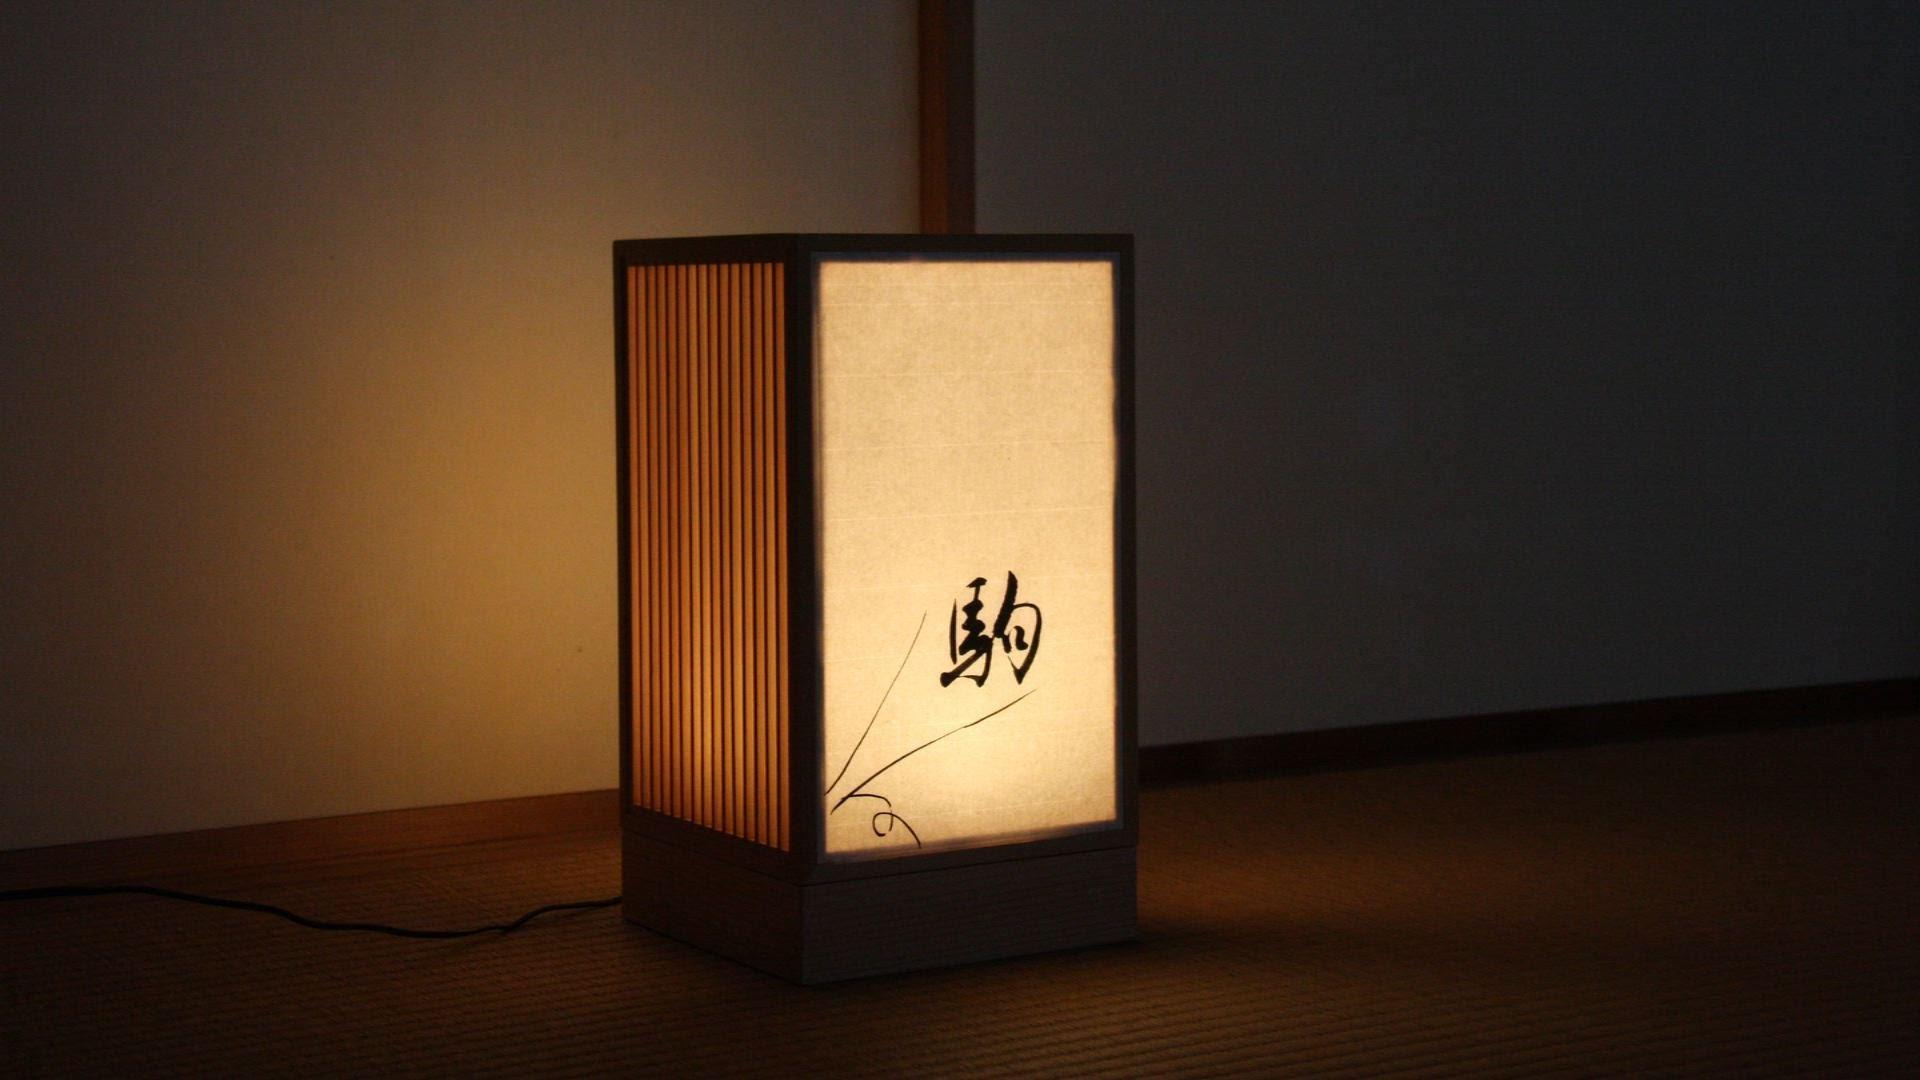 Top 10 Japanese Lamps 2019 Warisan Lighting